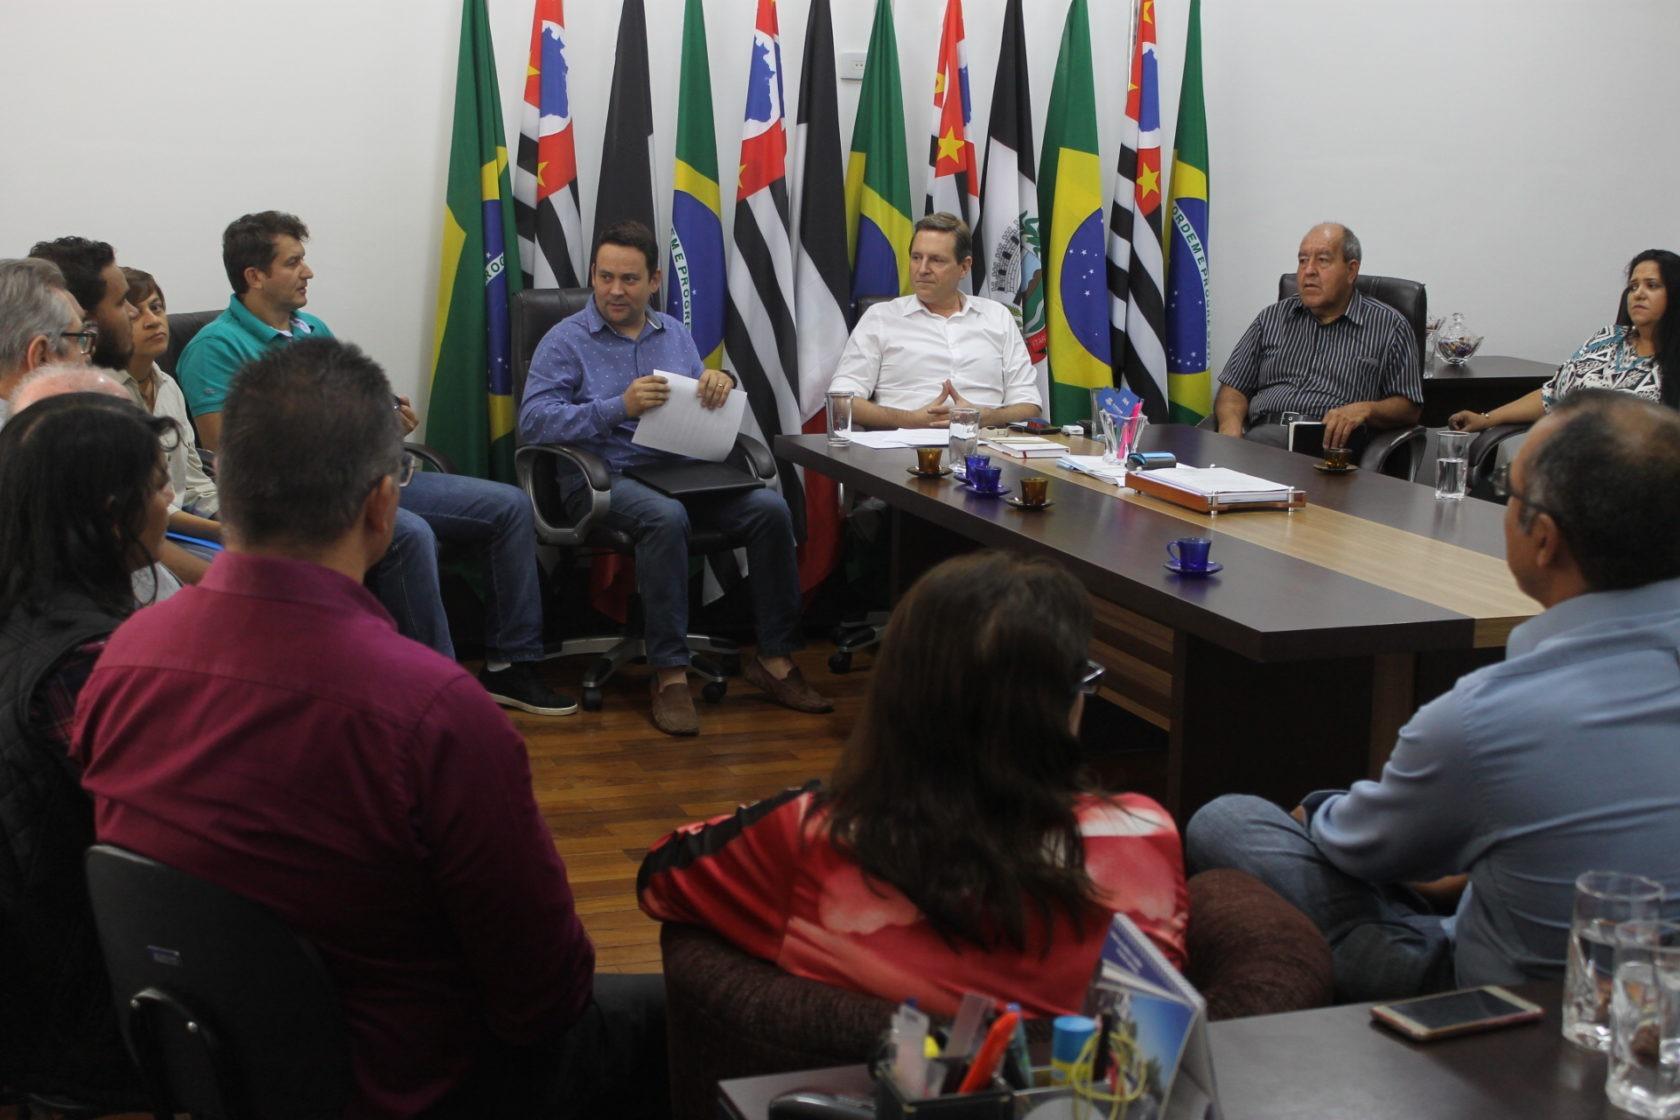 Prefeito de Itararé (SP) discute projeto de lei com líderes religiosos cristãos